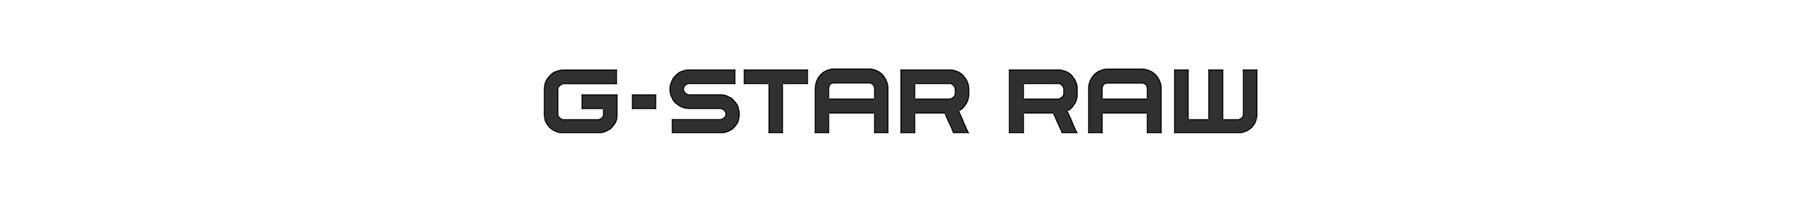 DrJays.com - G-star